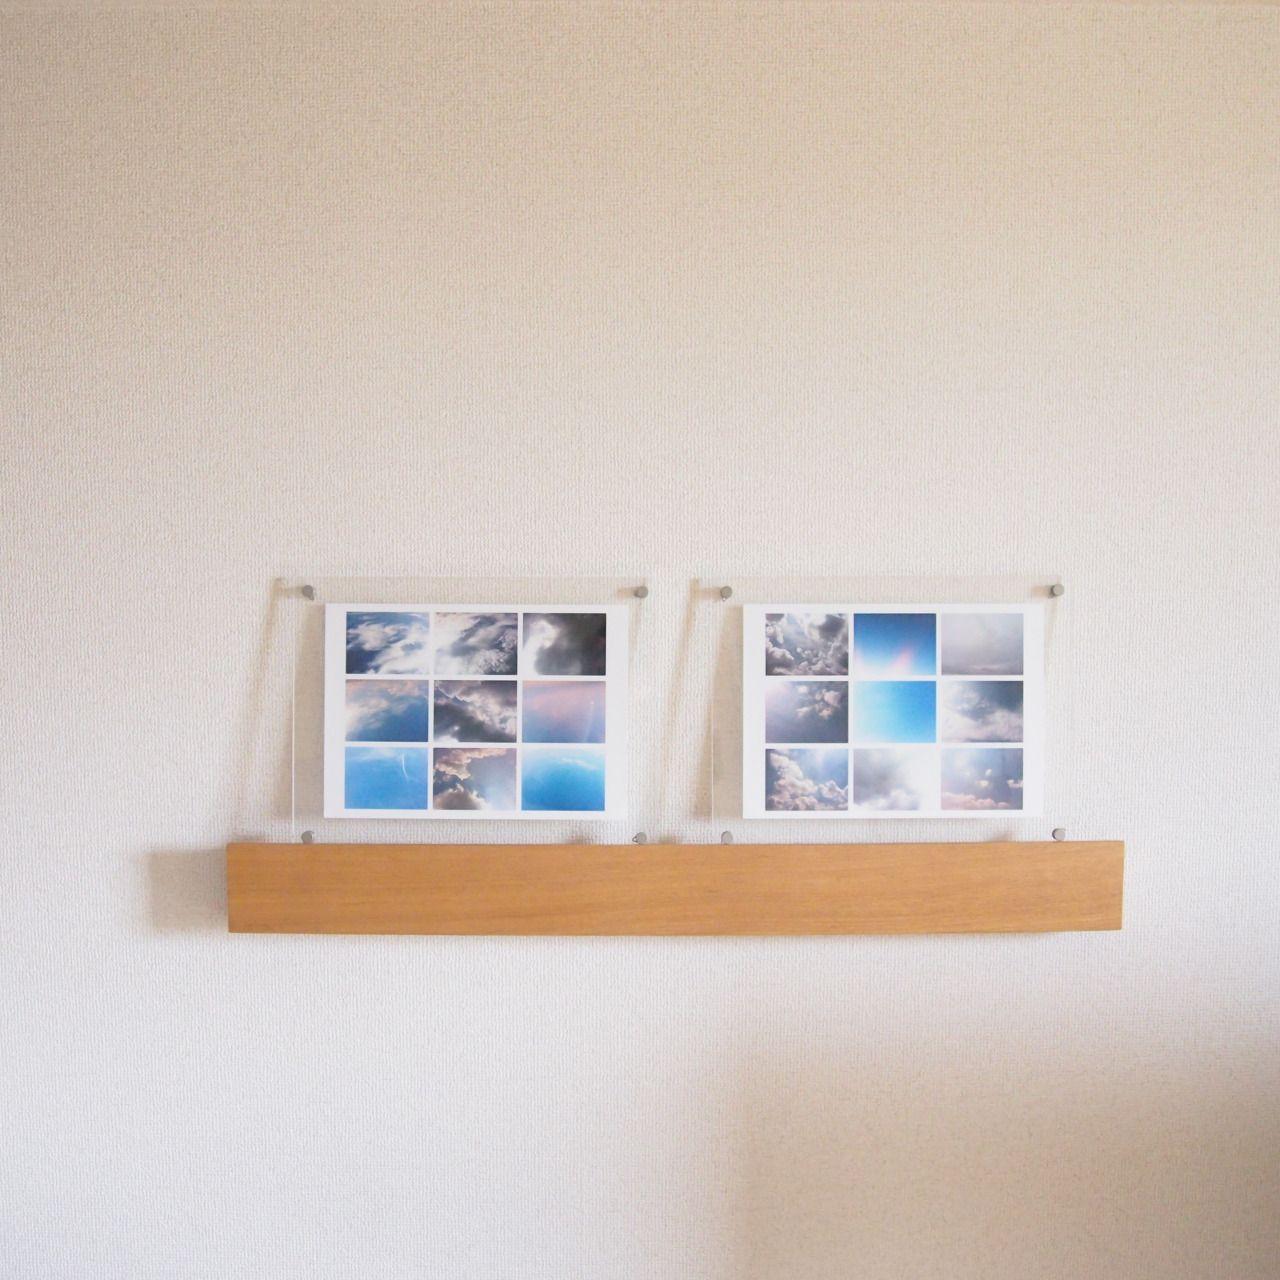 muji wall shelf and acrylic frames - Muji Frames